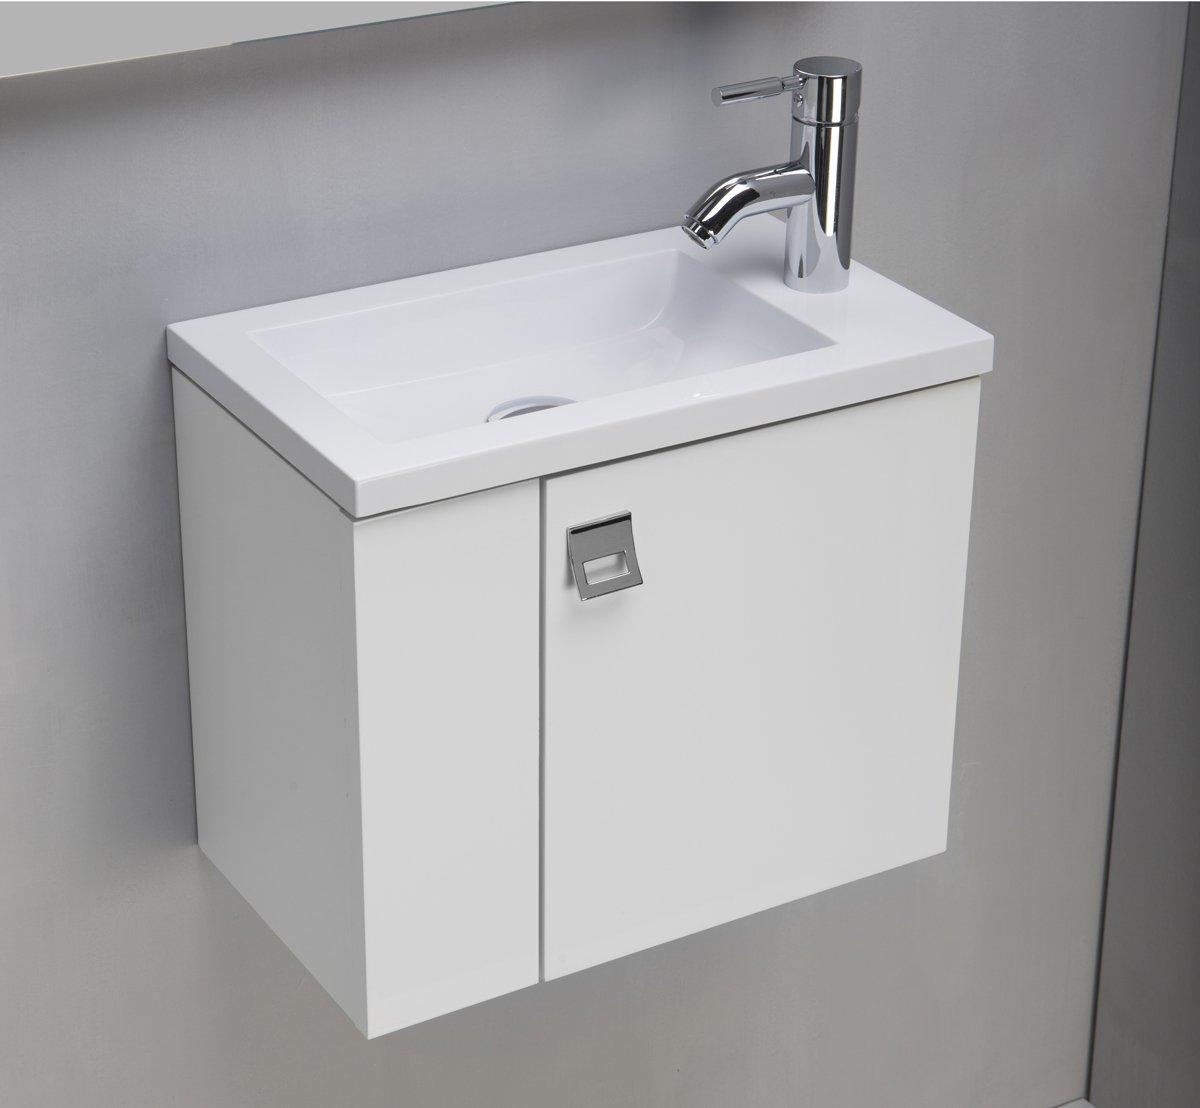 BATHROOMITALSTYLE Arredo Bagno Mobile Bagno da Cm 43 con Lavabo/Lavamani/Lavandino in mineralmarmo bianco opaco